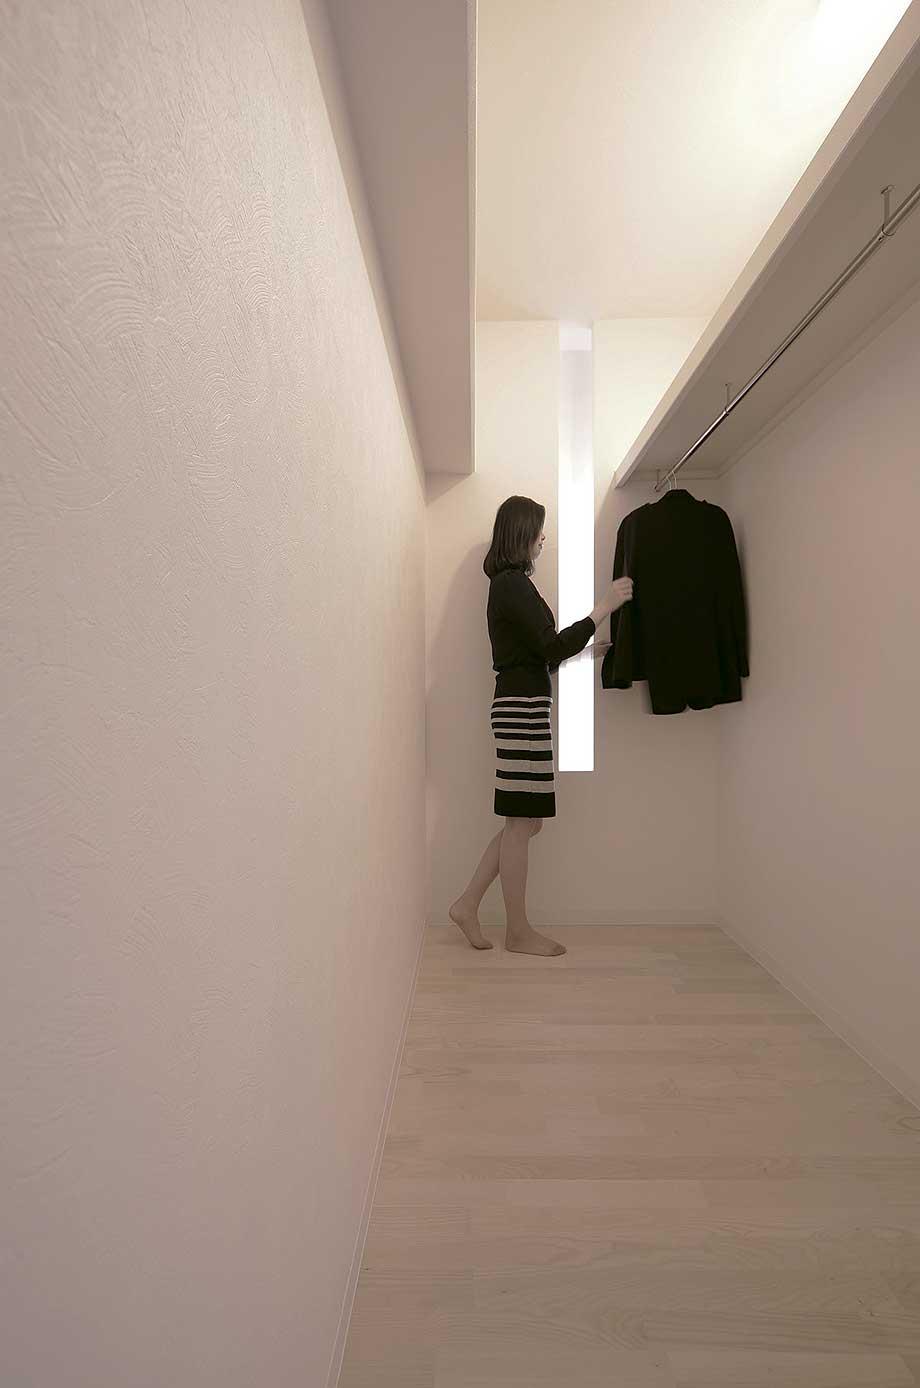 apartamento-abn-jun-murata (13)